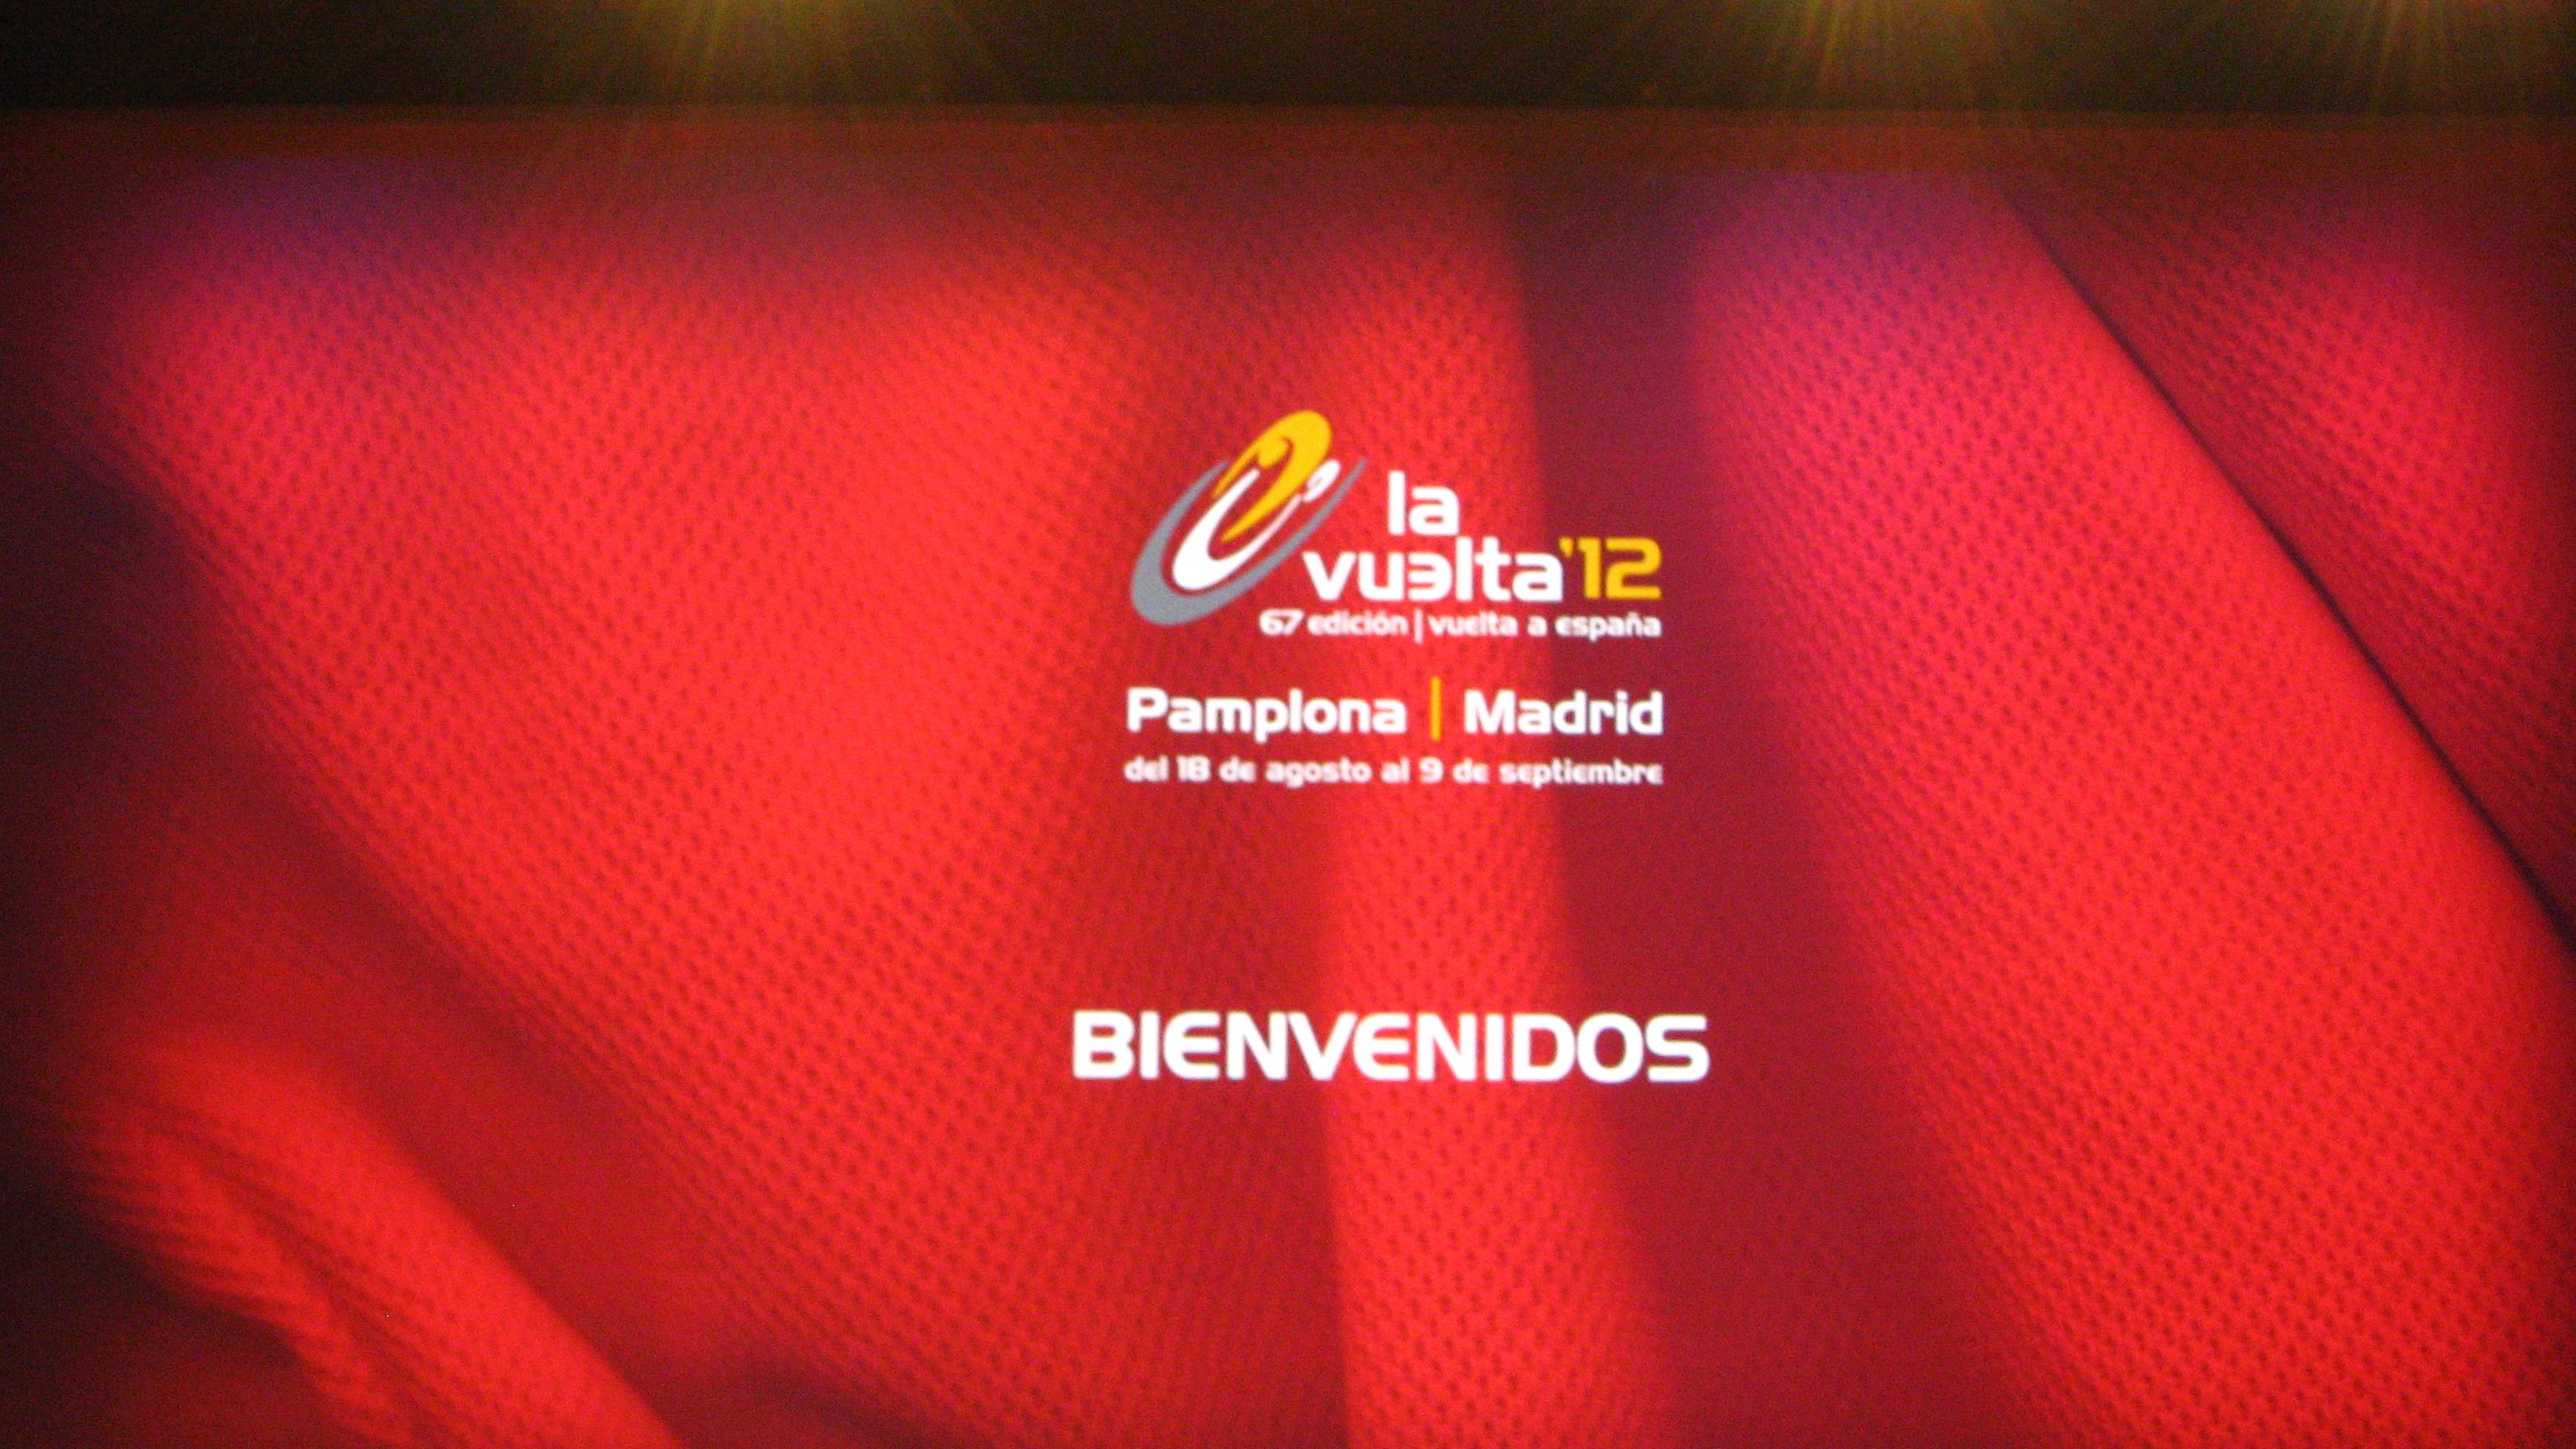 El Club asistió en Pamplona a la presentación de La Vuelta 2012